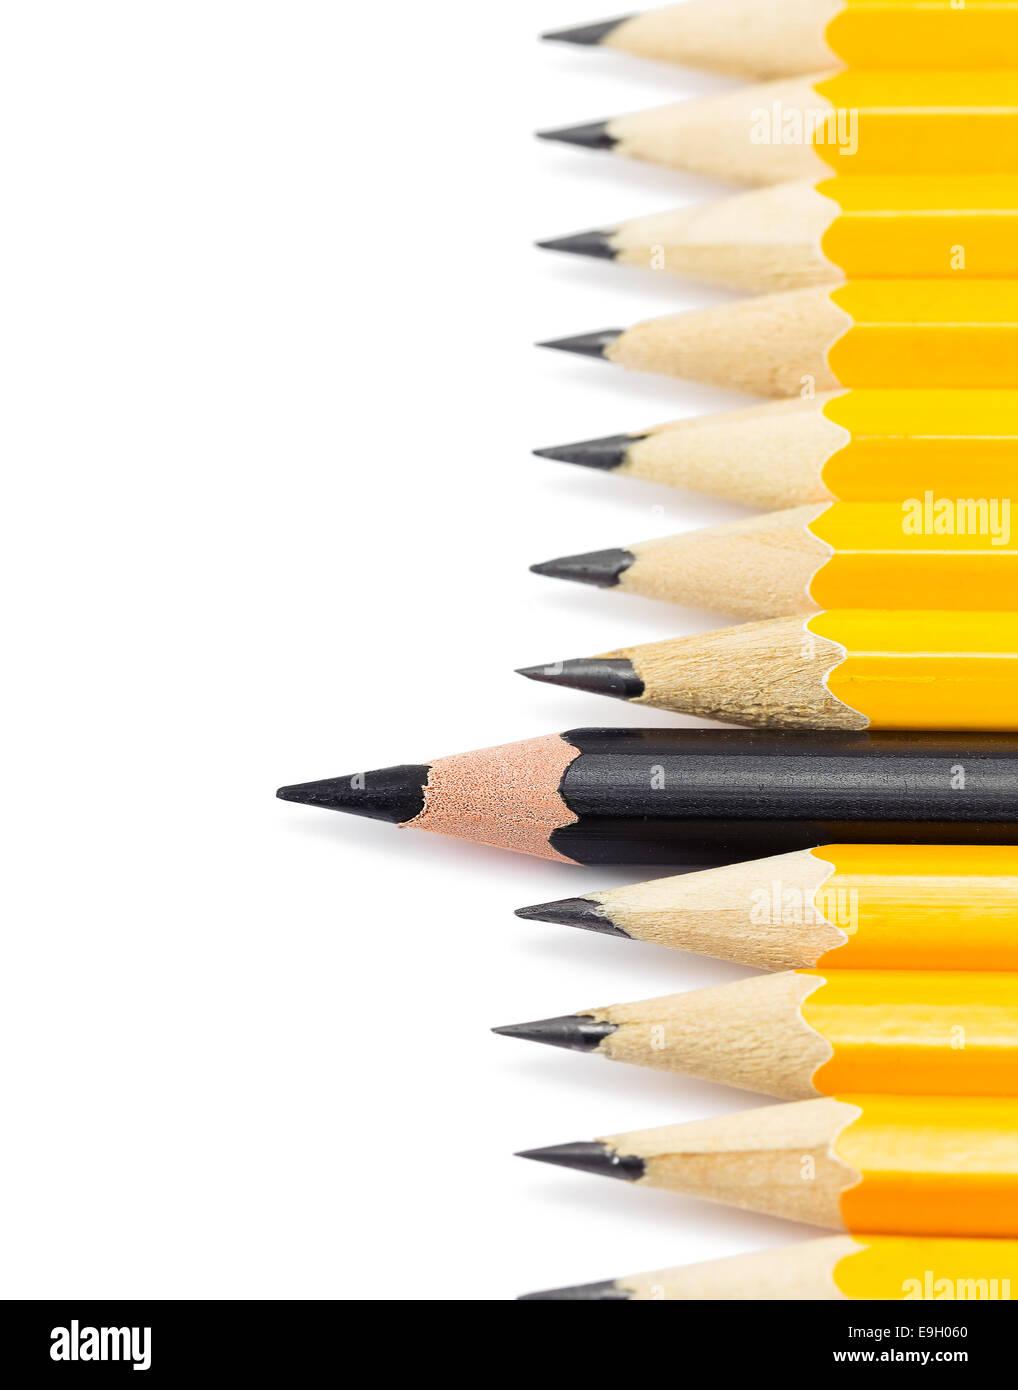 Crayons de couleur jaune avec le crayon noir sur fond blanc Banque D'Images